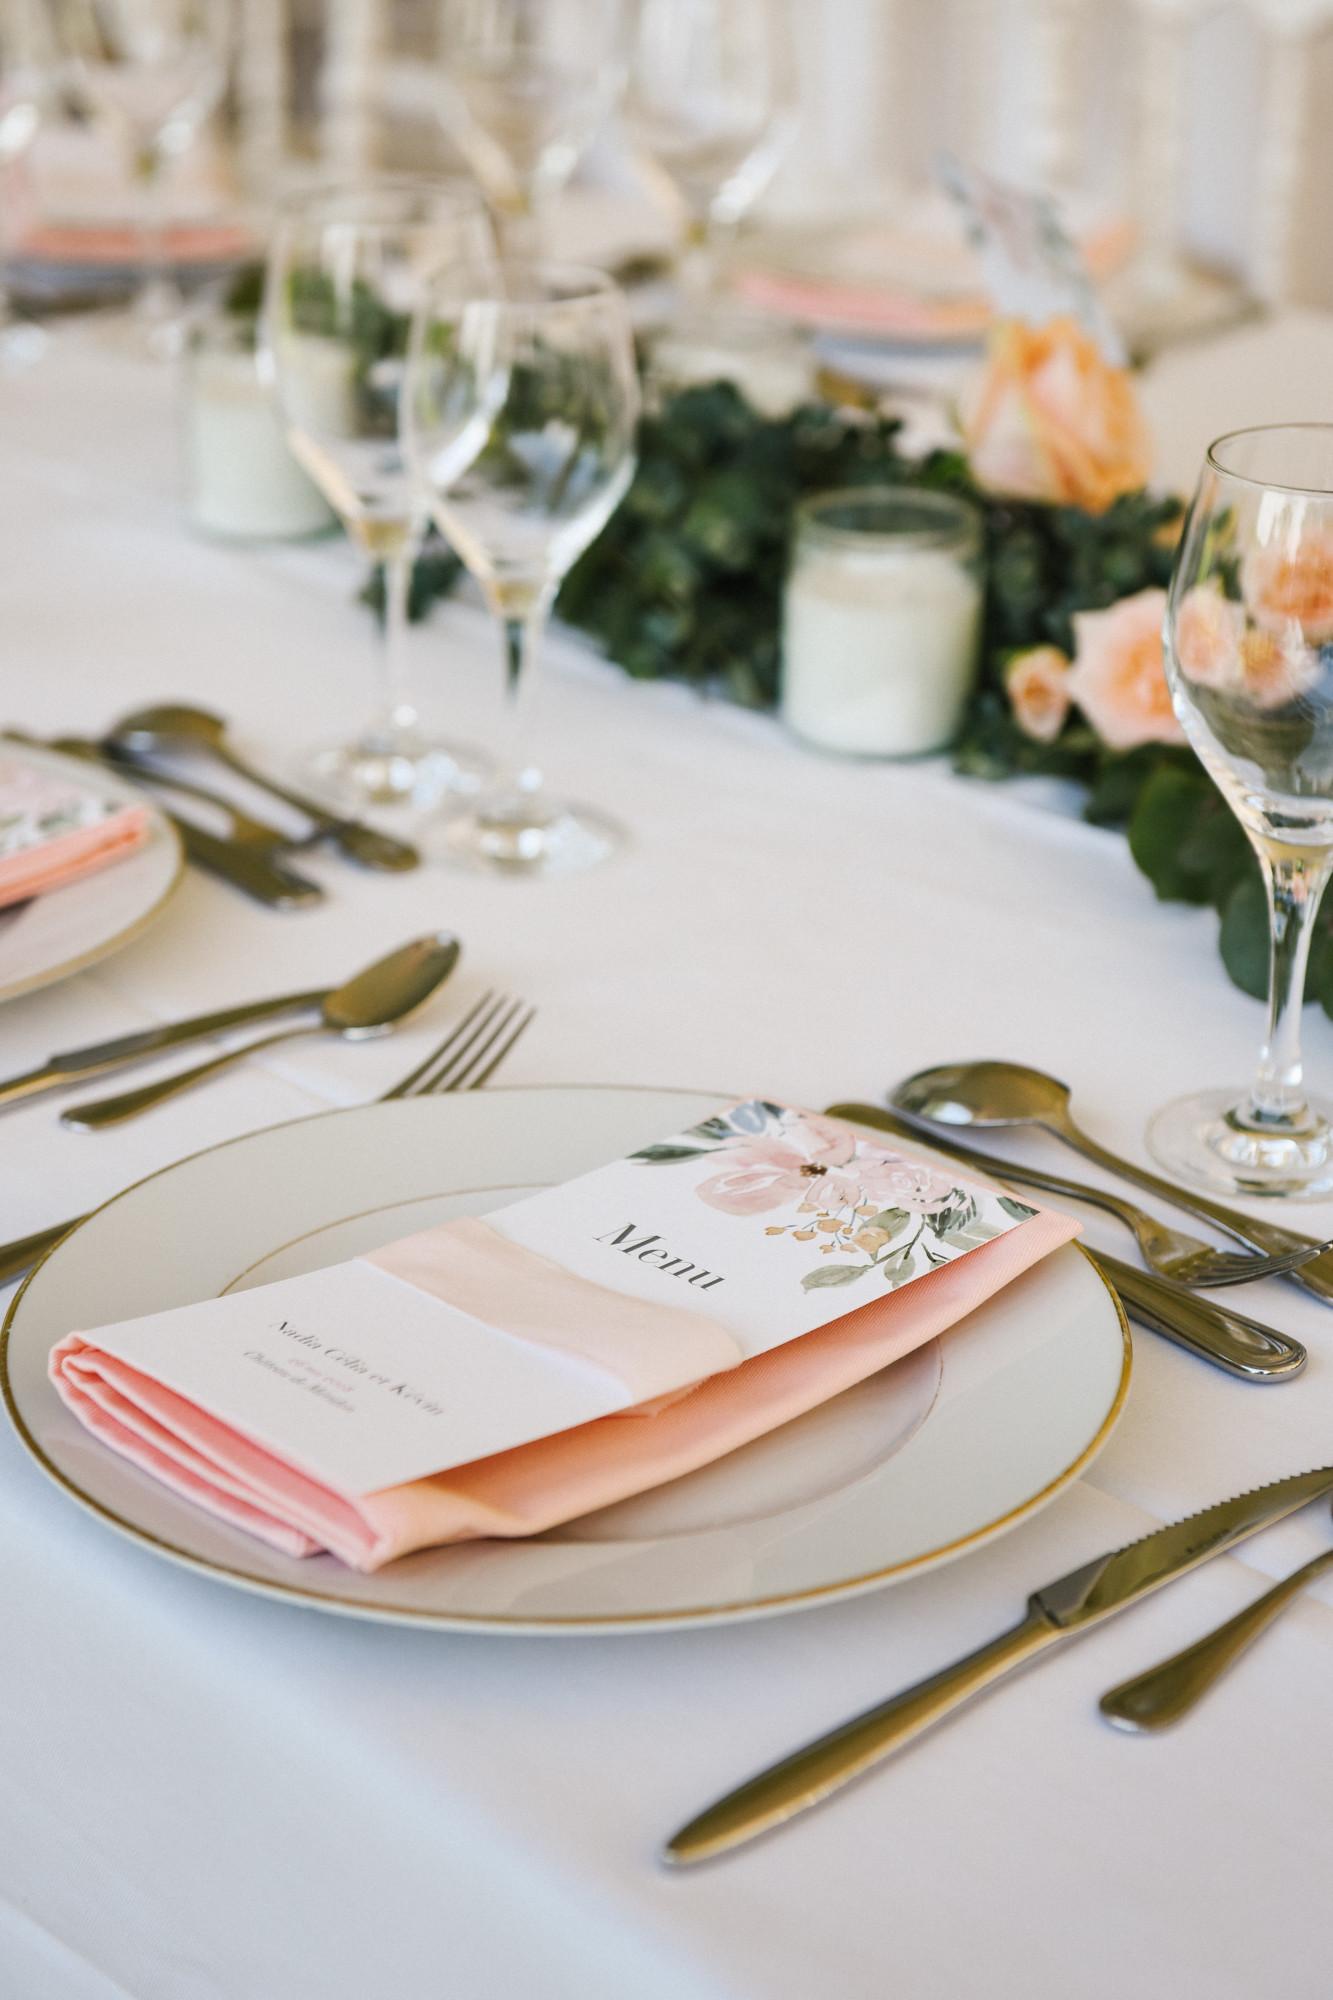 centre de table , détail, stylisme, décoratrice mariage, wedding designer, floral designer, Ile de France, fleuriste, wedding